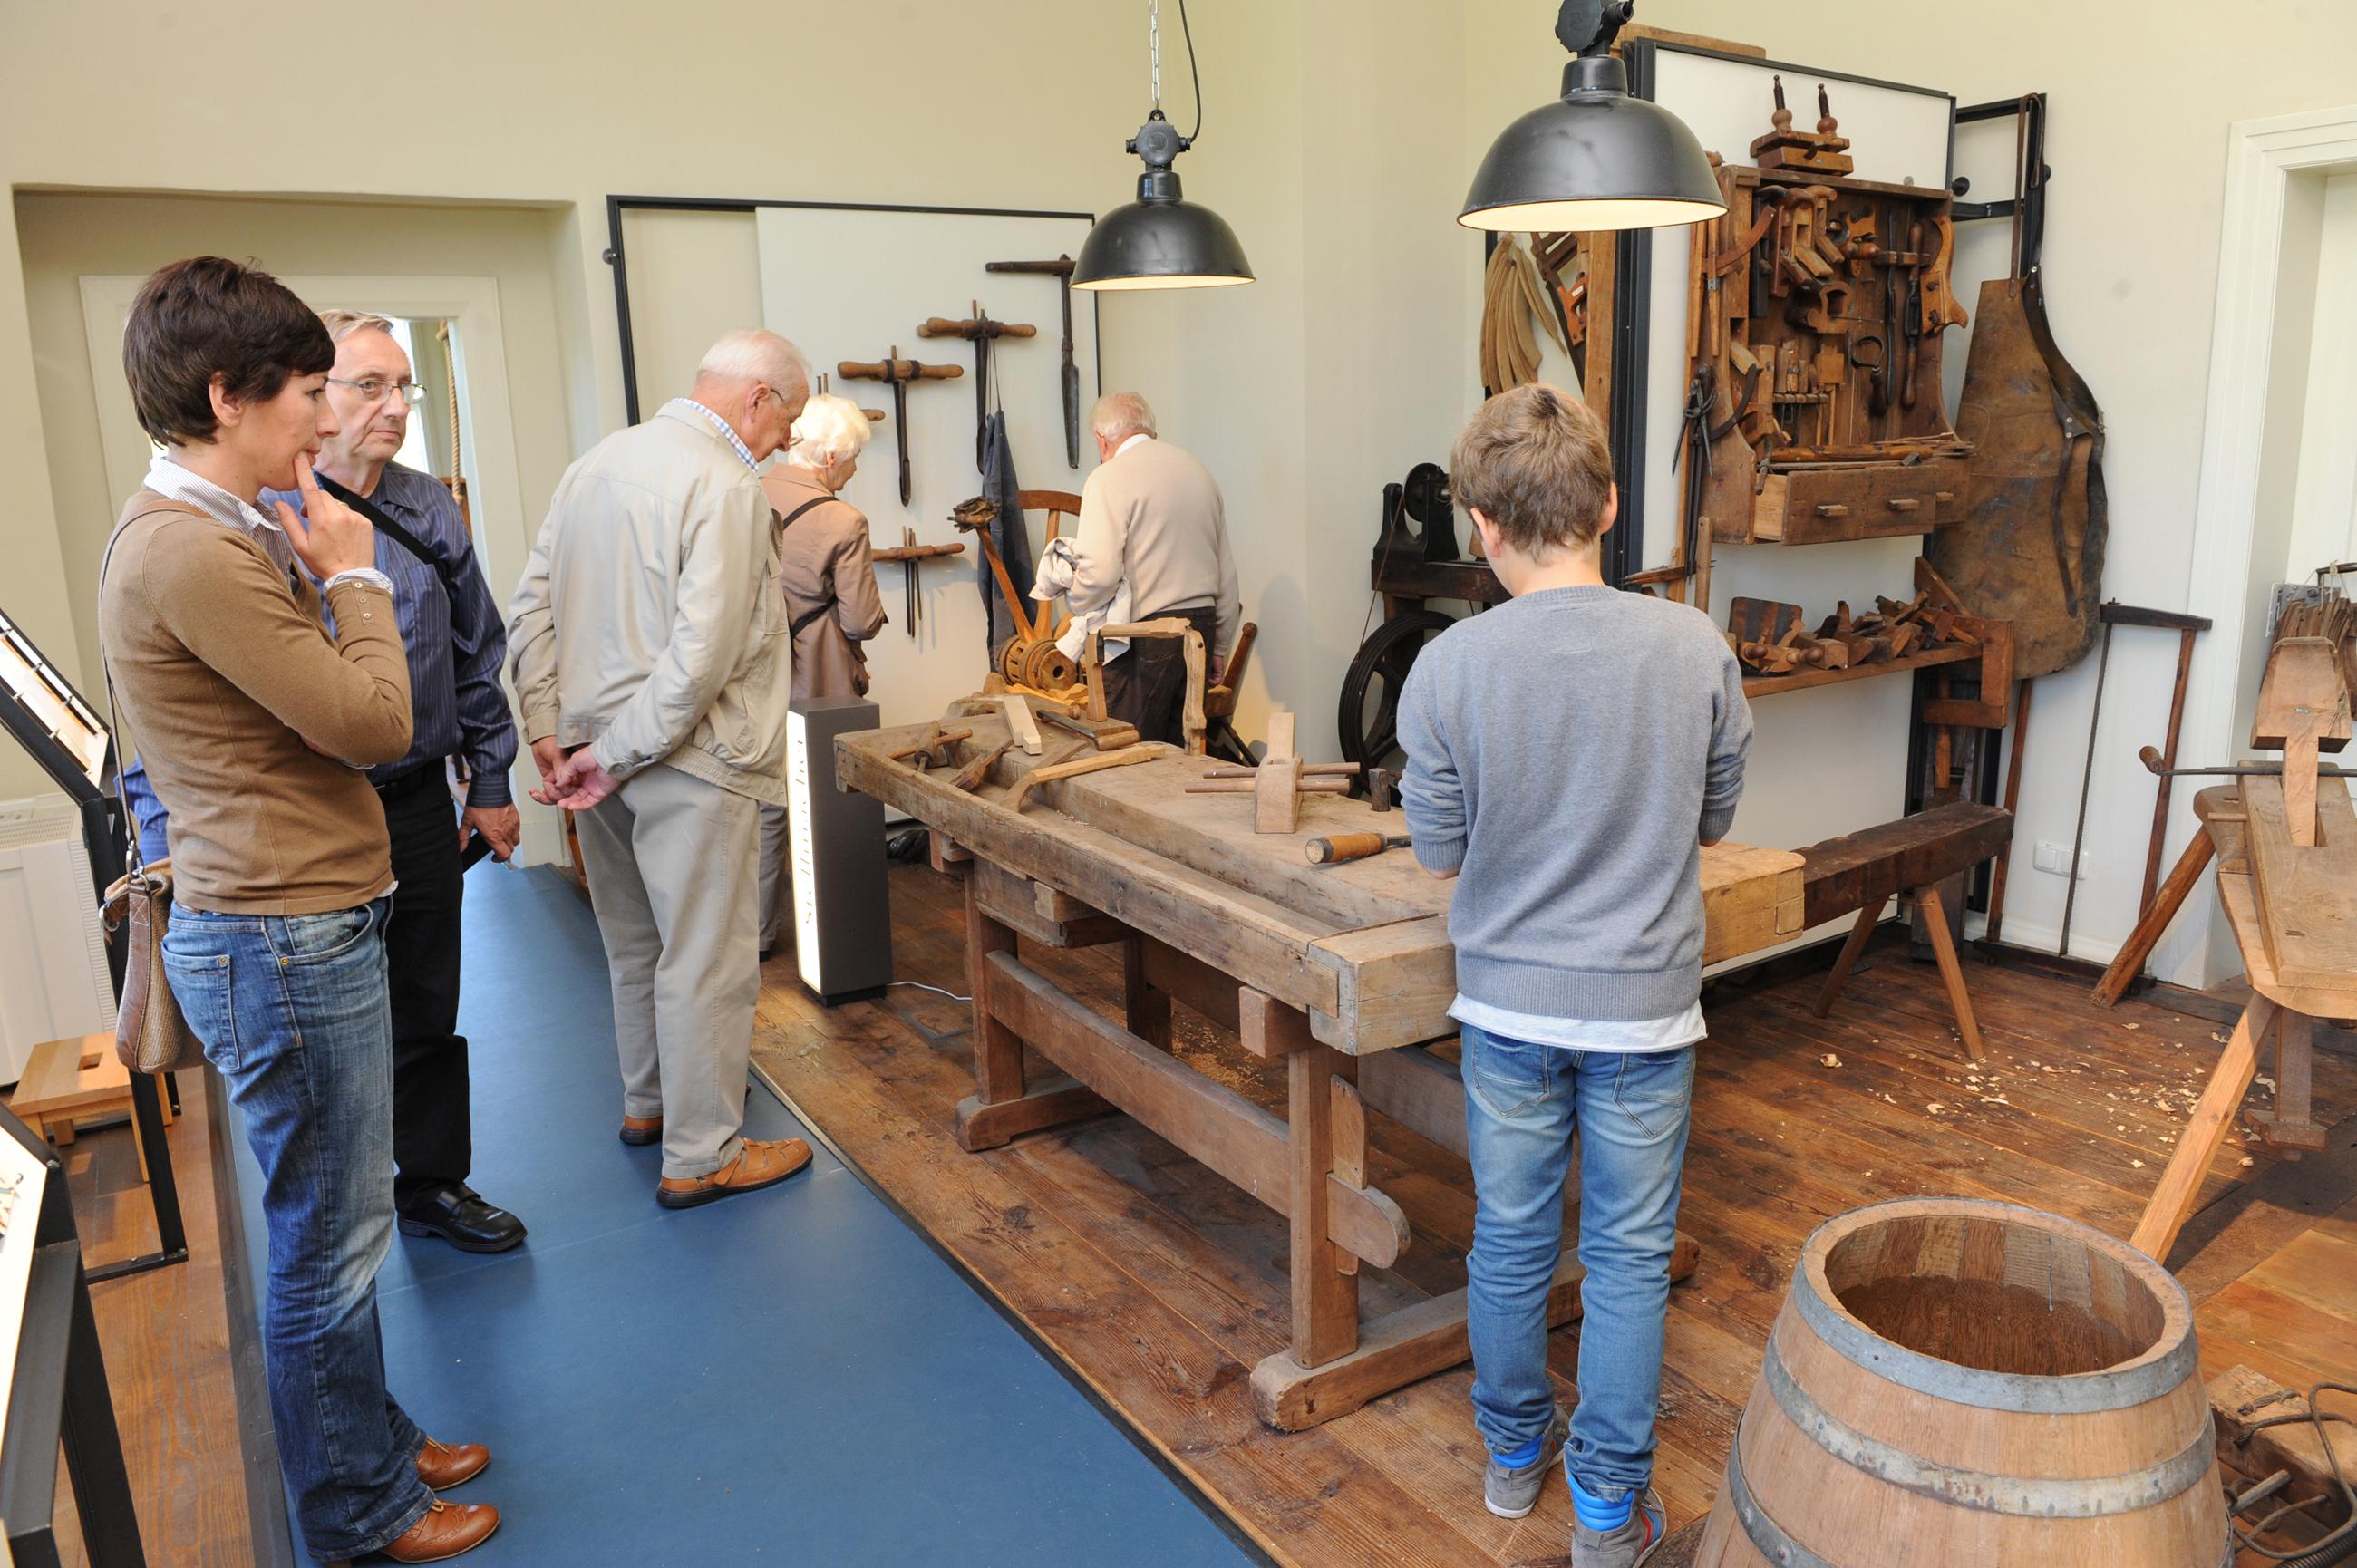 Tischlerei im Museum auf der Burg Brome